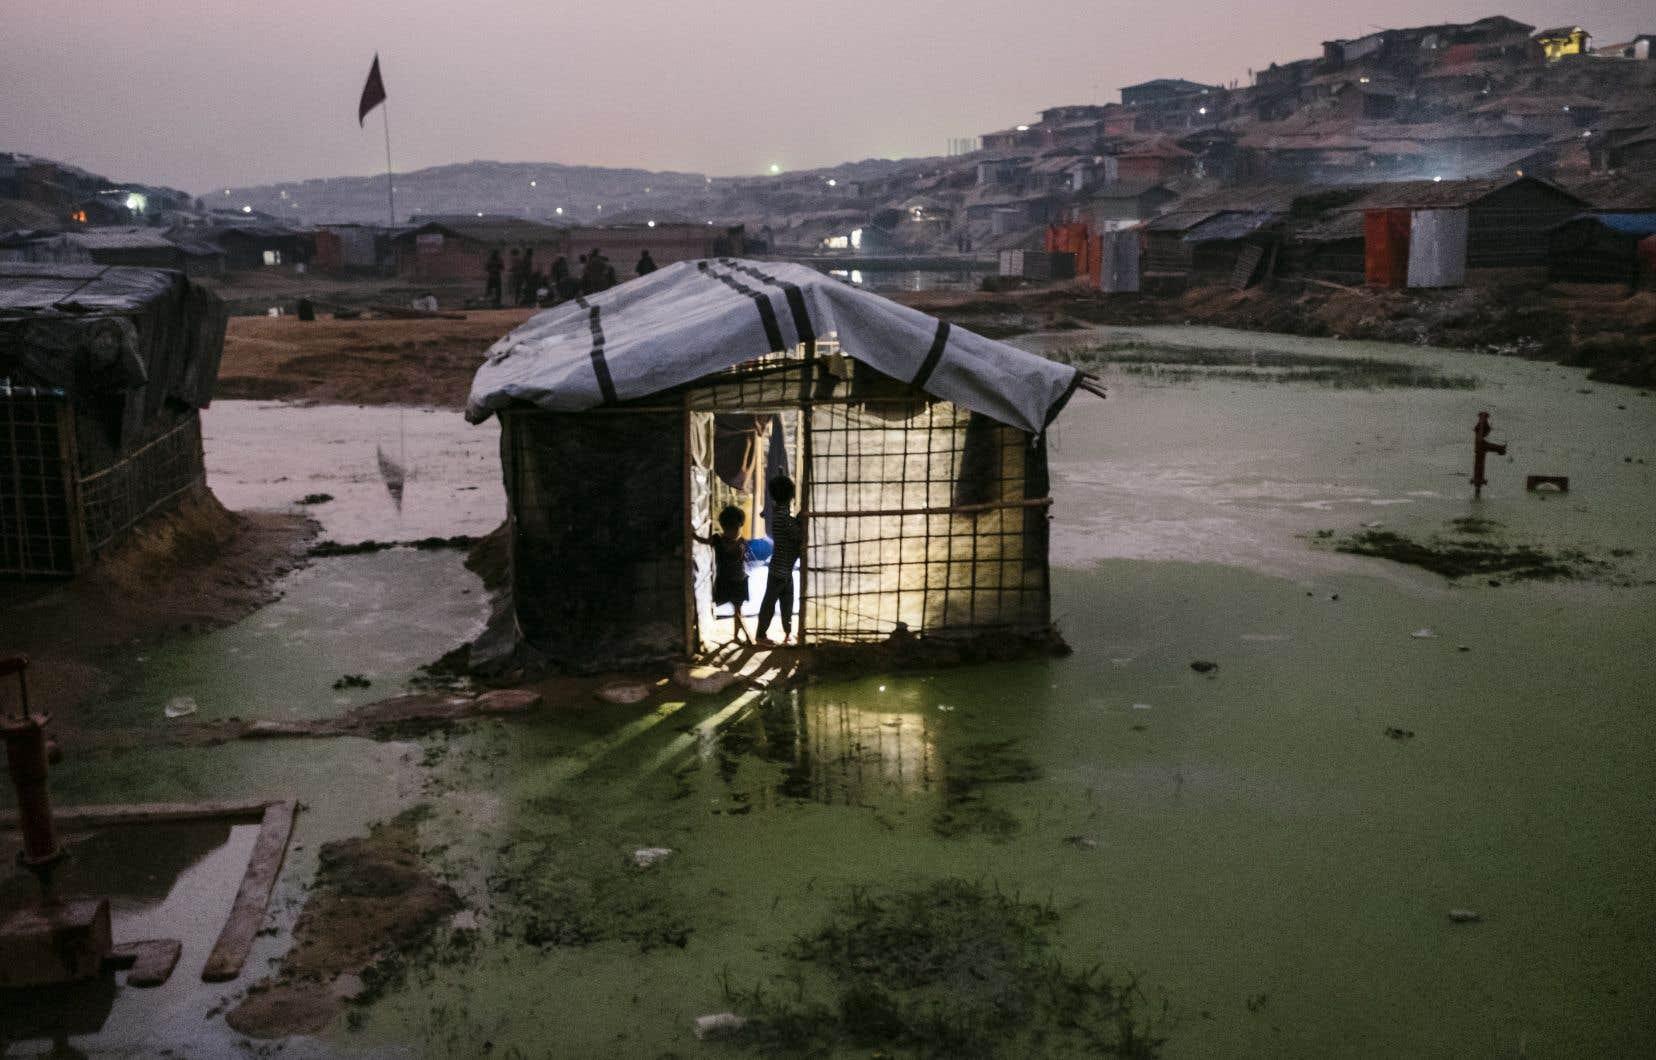 L'eau monte lentement dans certaines parties du camp Kutupalong, bâti en zone inondable.